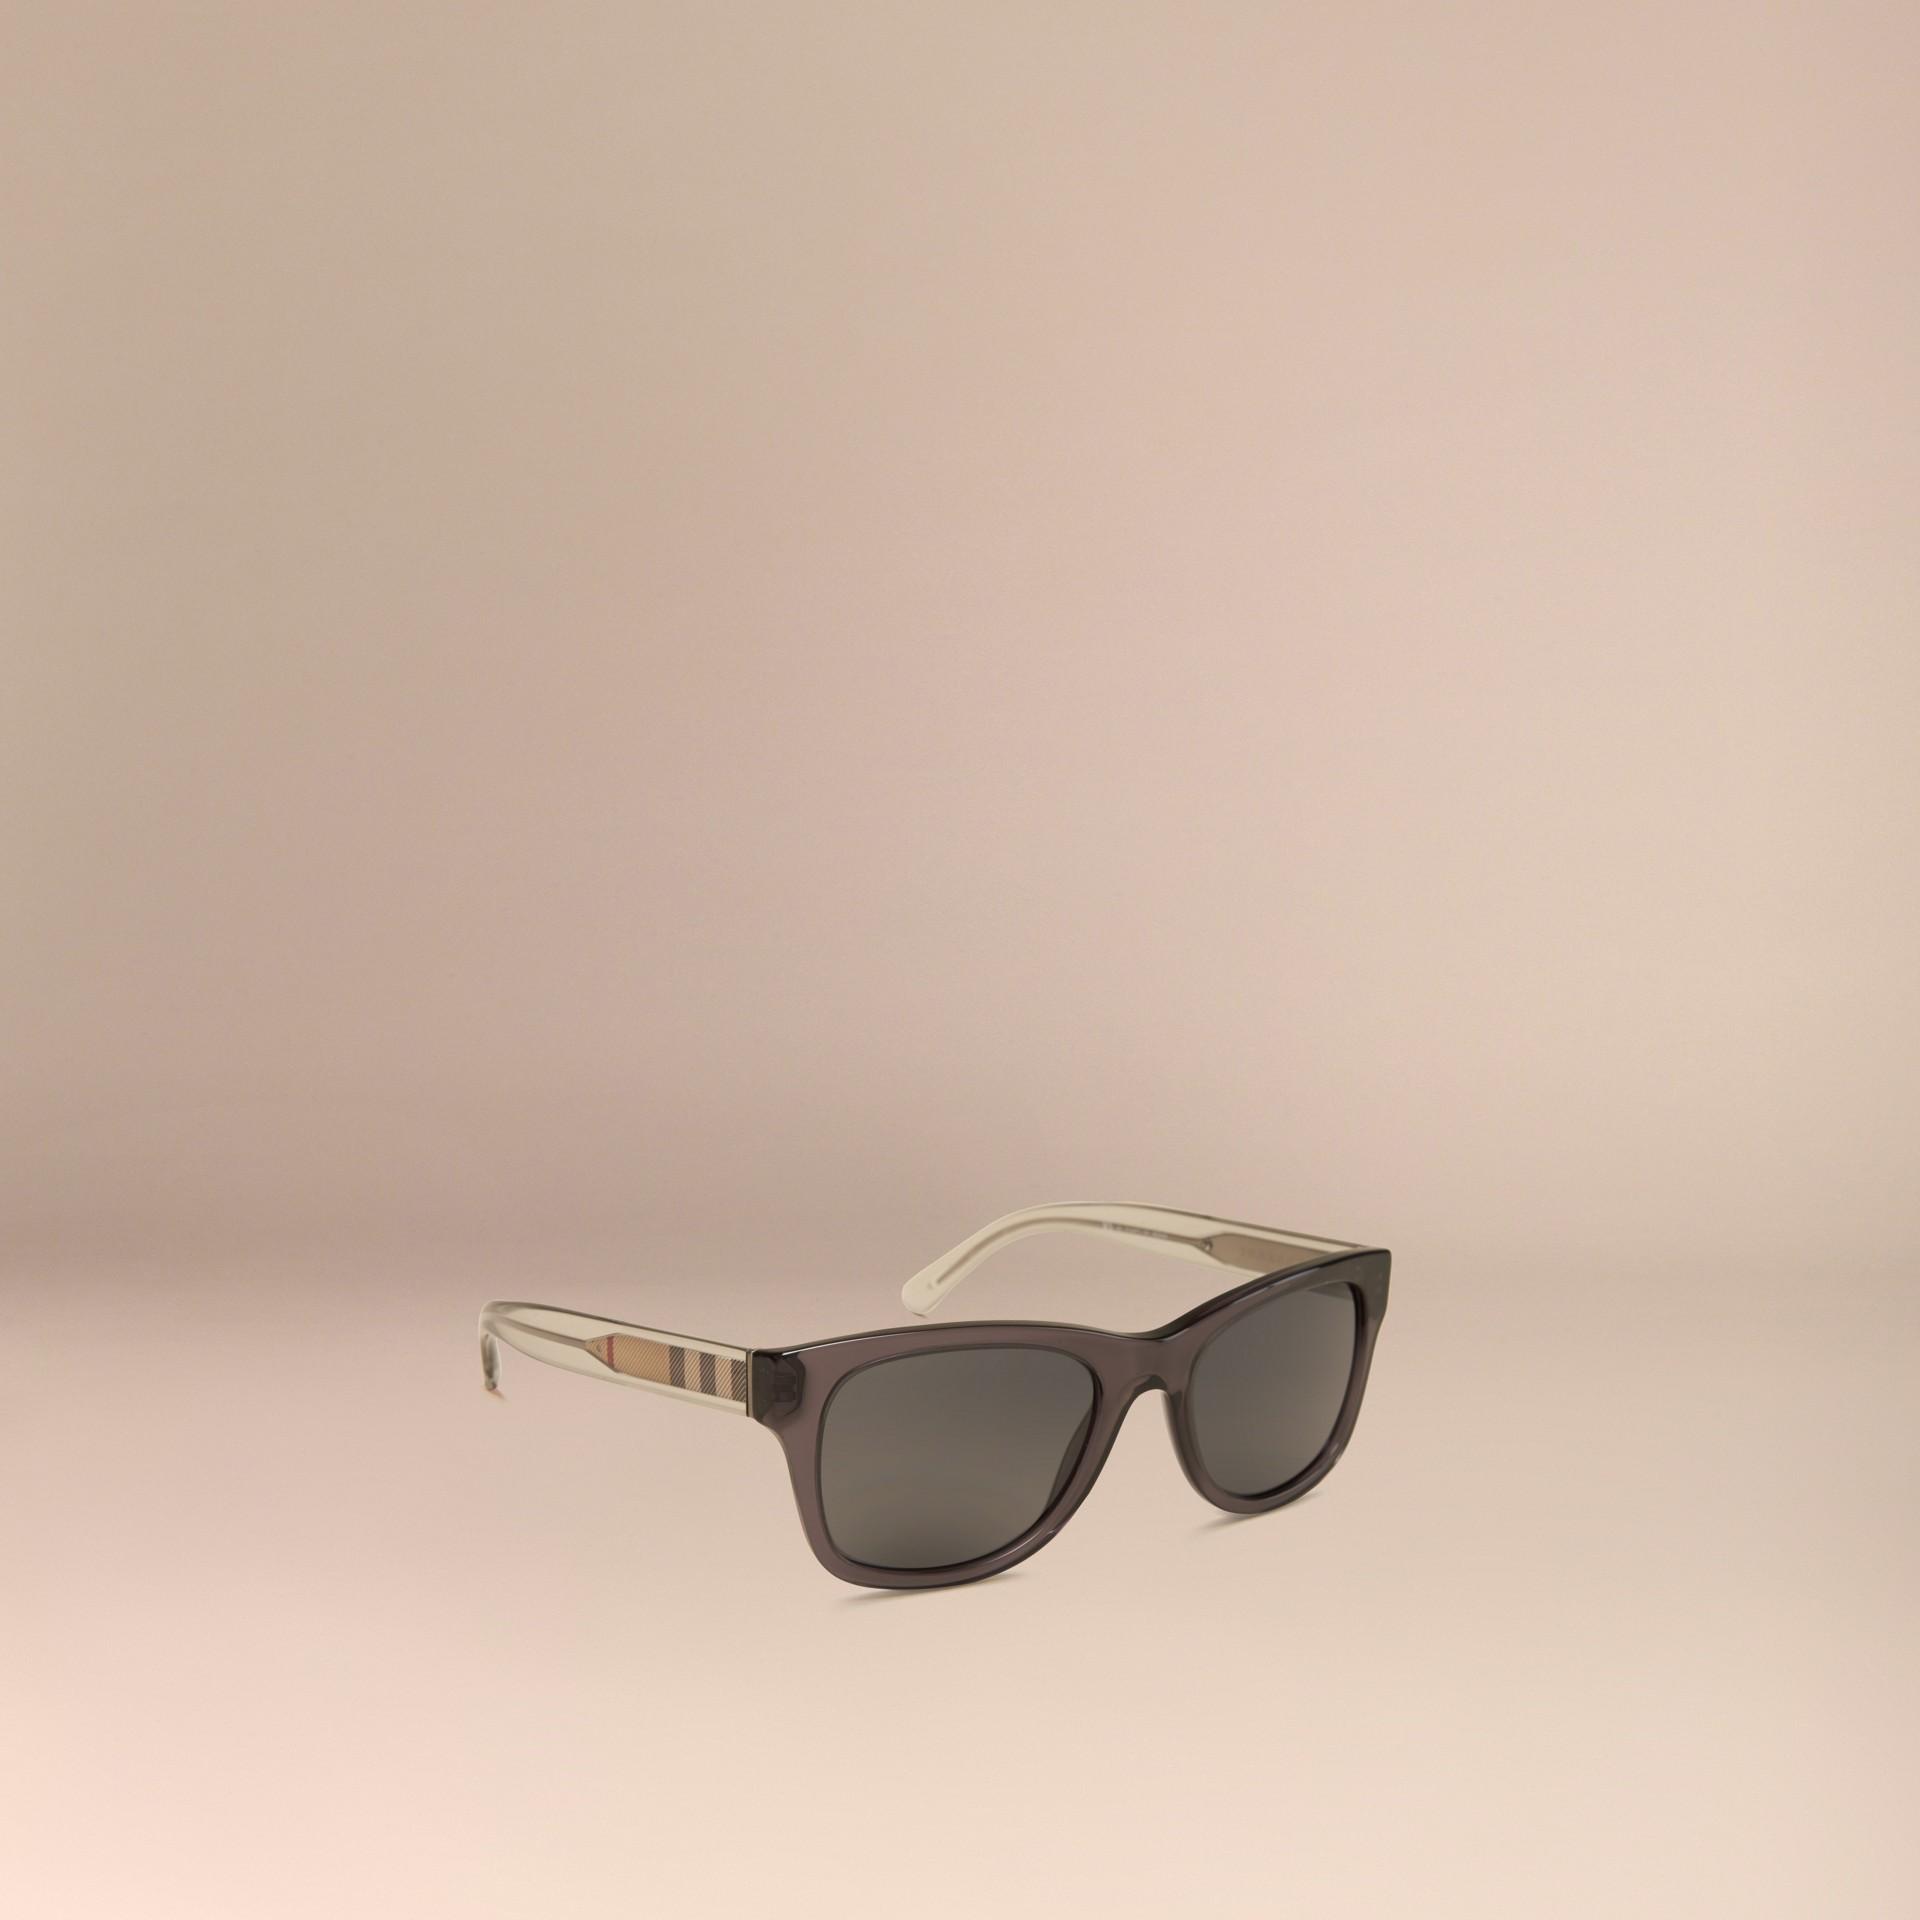 Grigio scuro Occhiali da sole con montatura quadrata e dettaglio check Grigio Scuro - immagine della galleria 1